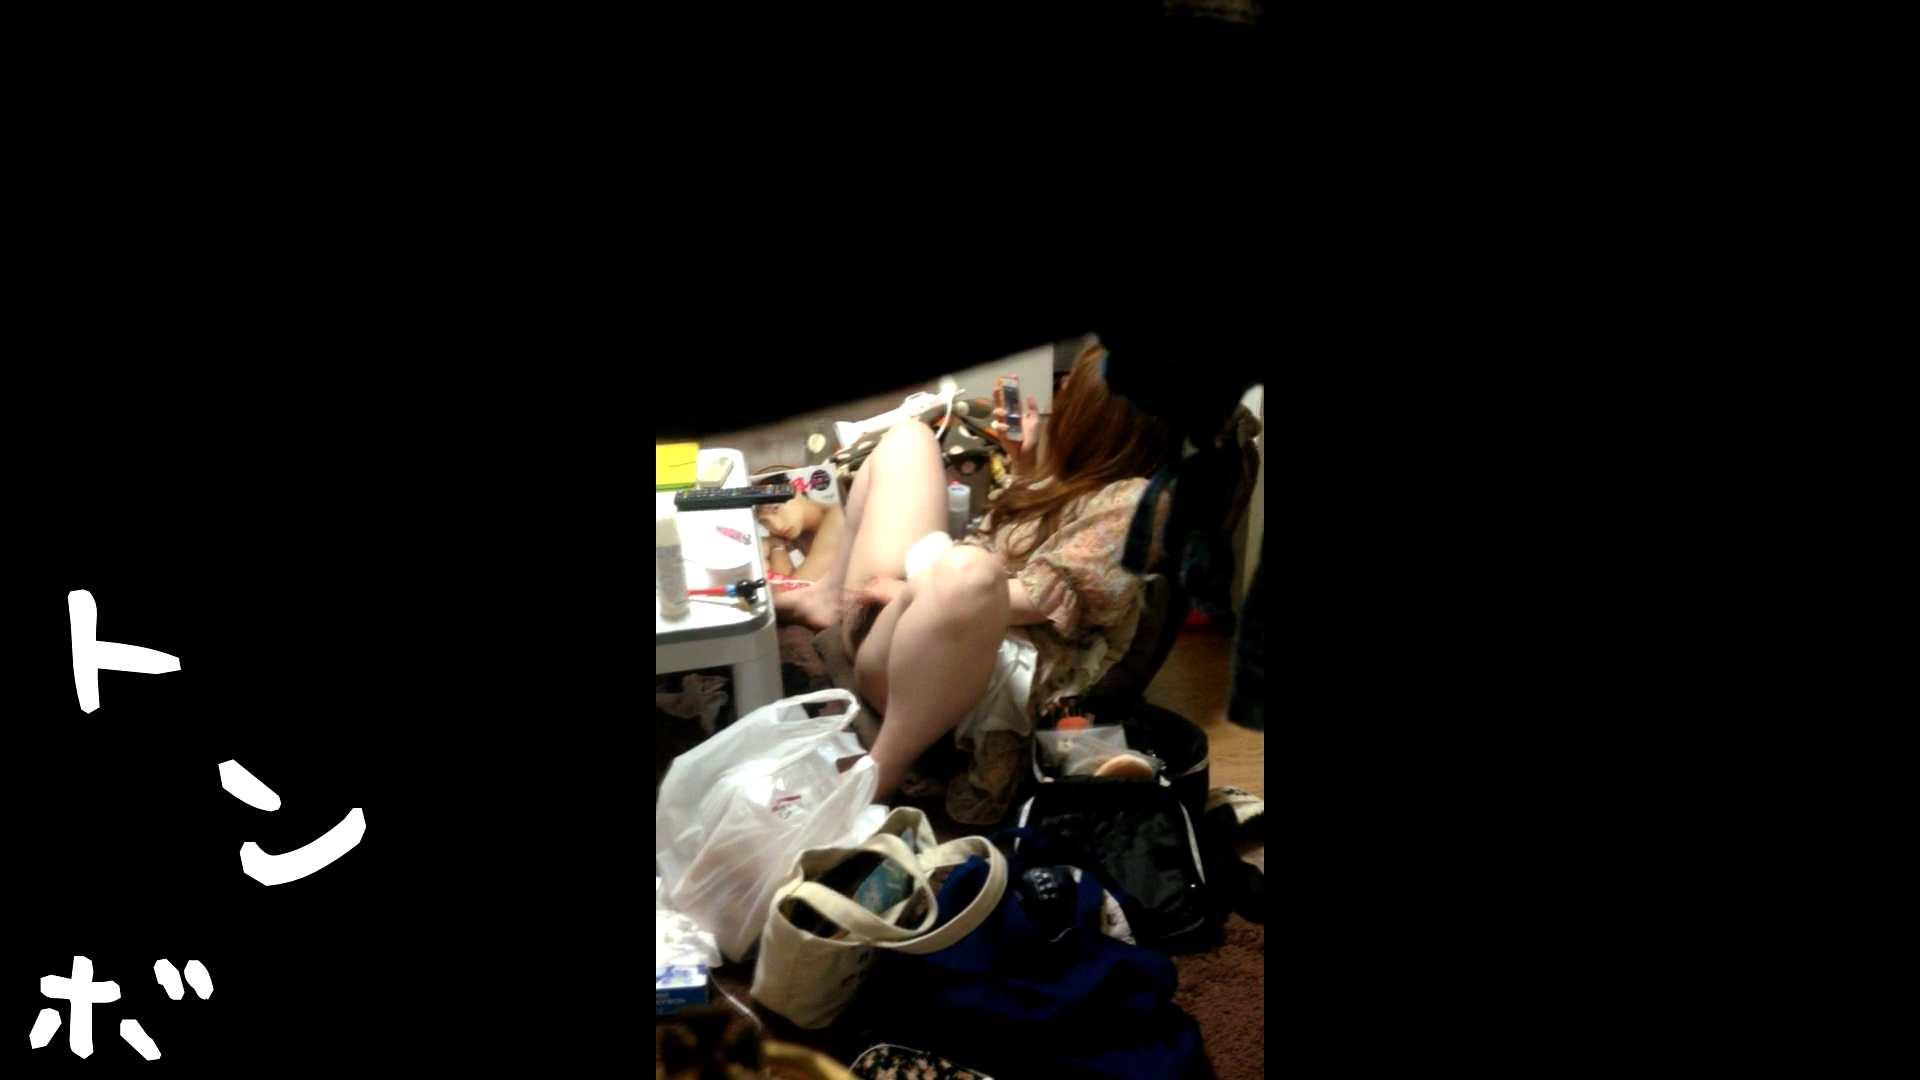 リアル盗撮 吉祥寺の美容師やばいオナニー!高速糸引 盗撮編 AV無料動画キャプチャ 91枚 77